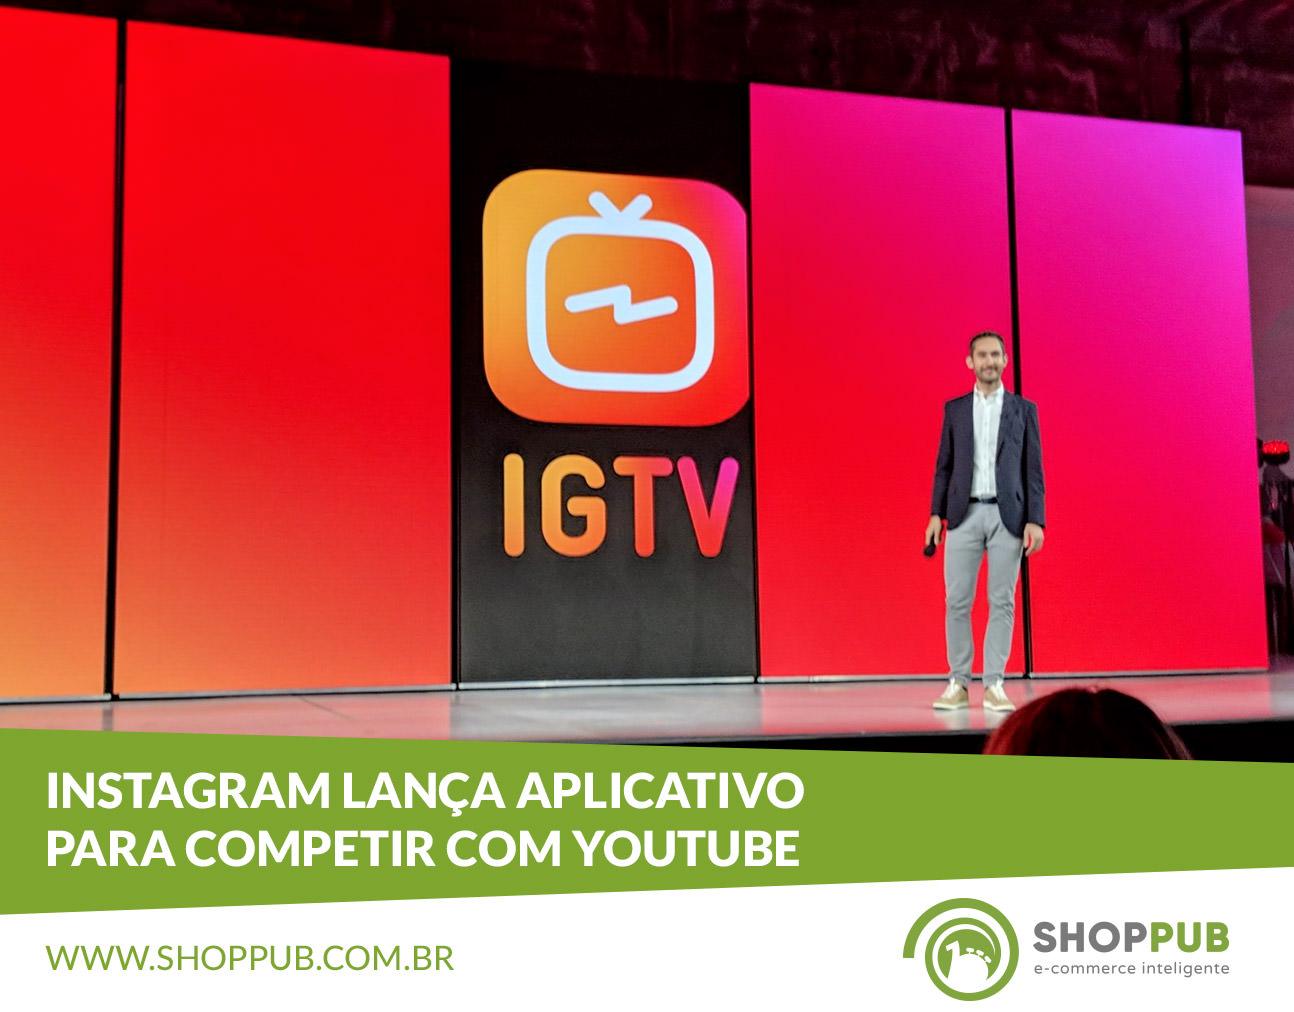 Instagram lança aplicativo para competir com YouTube